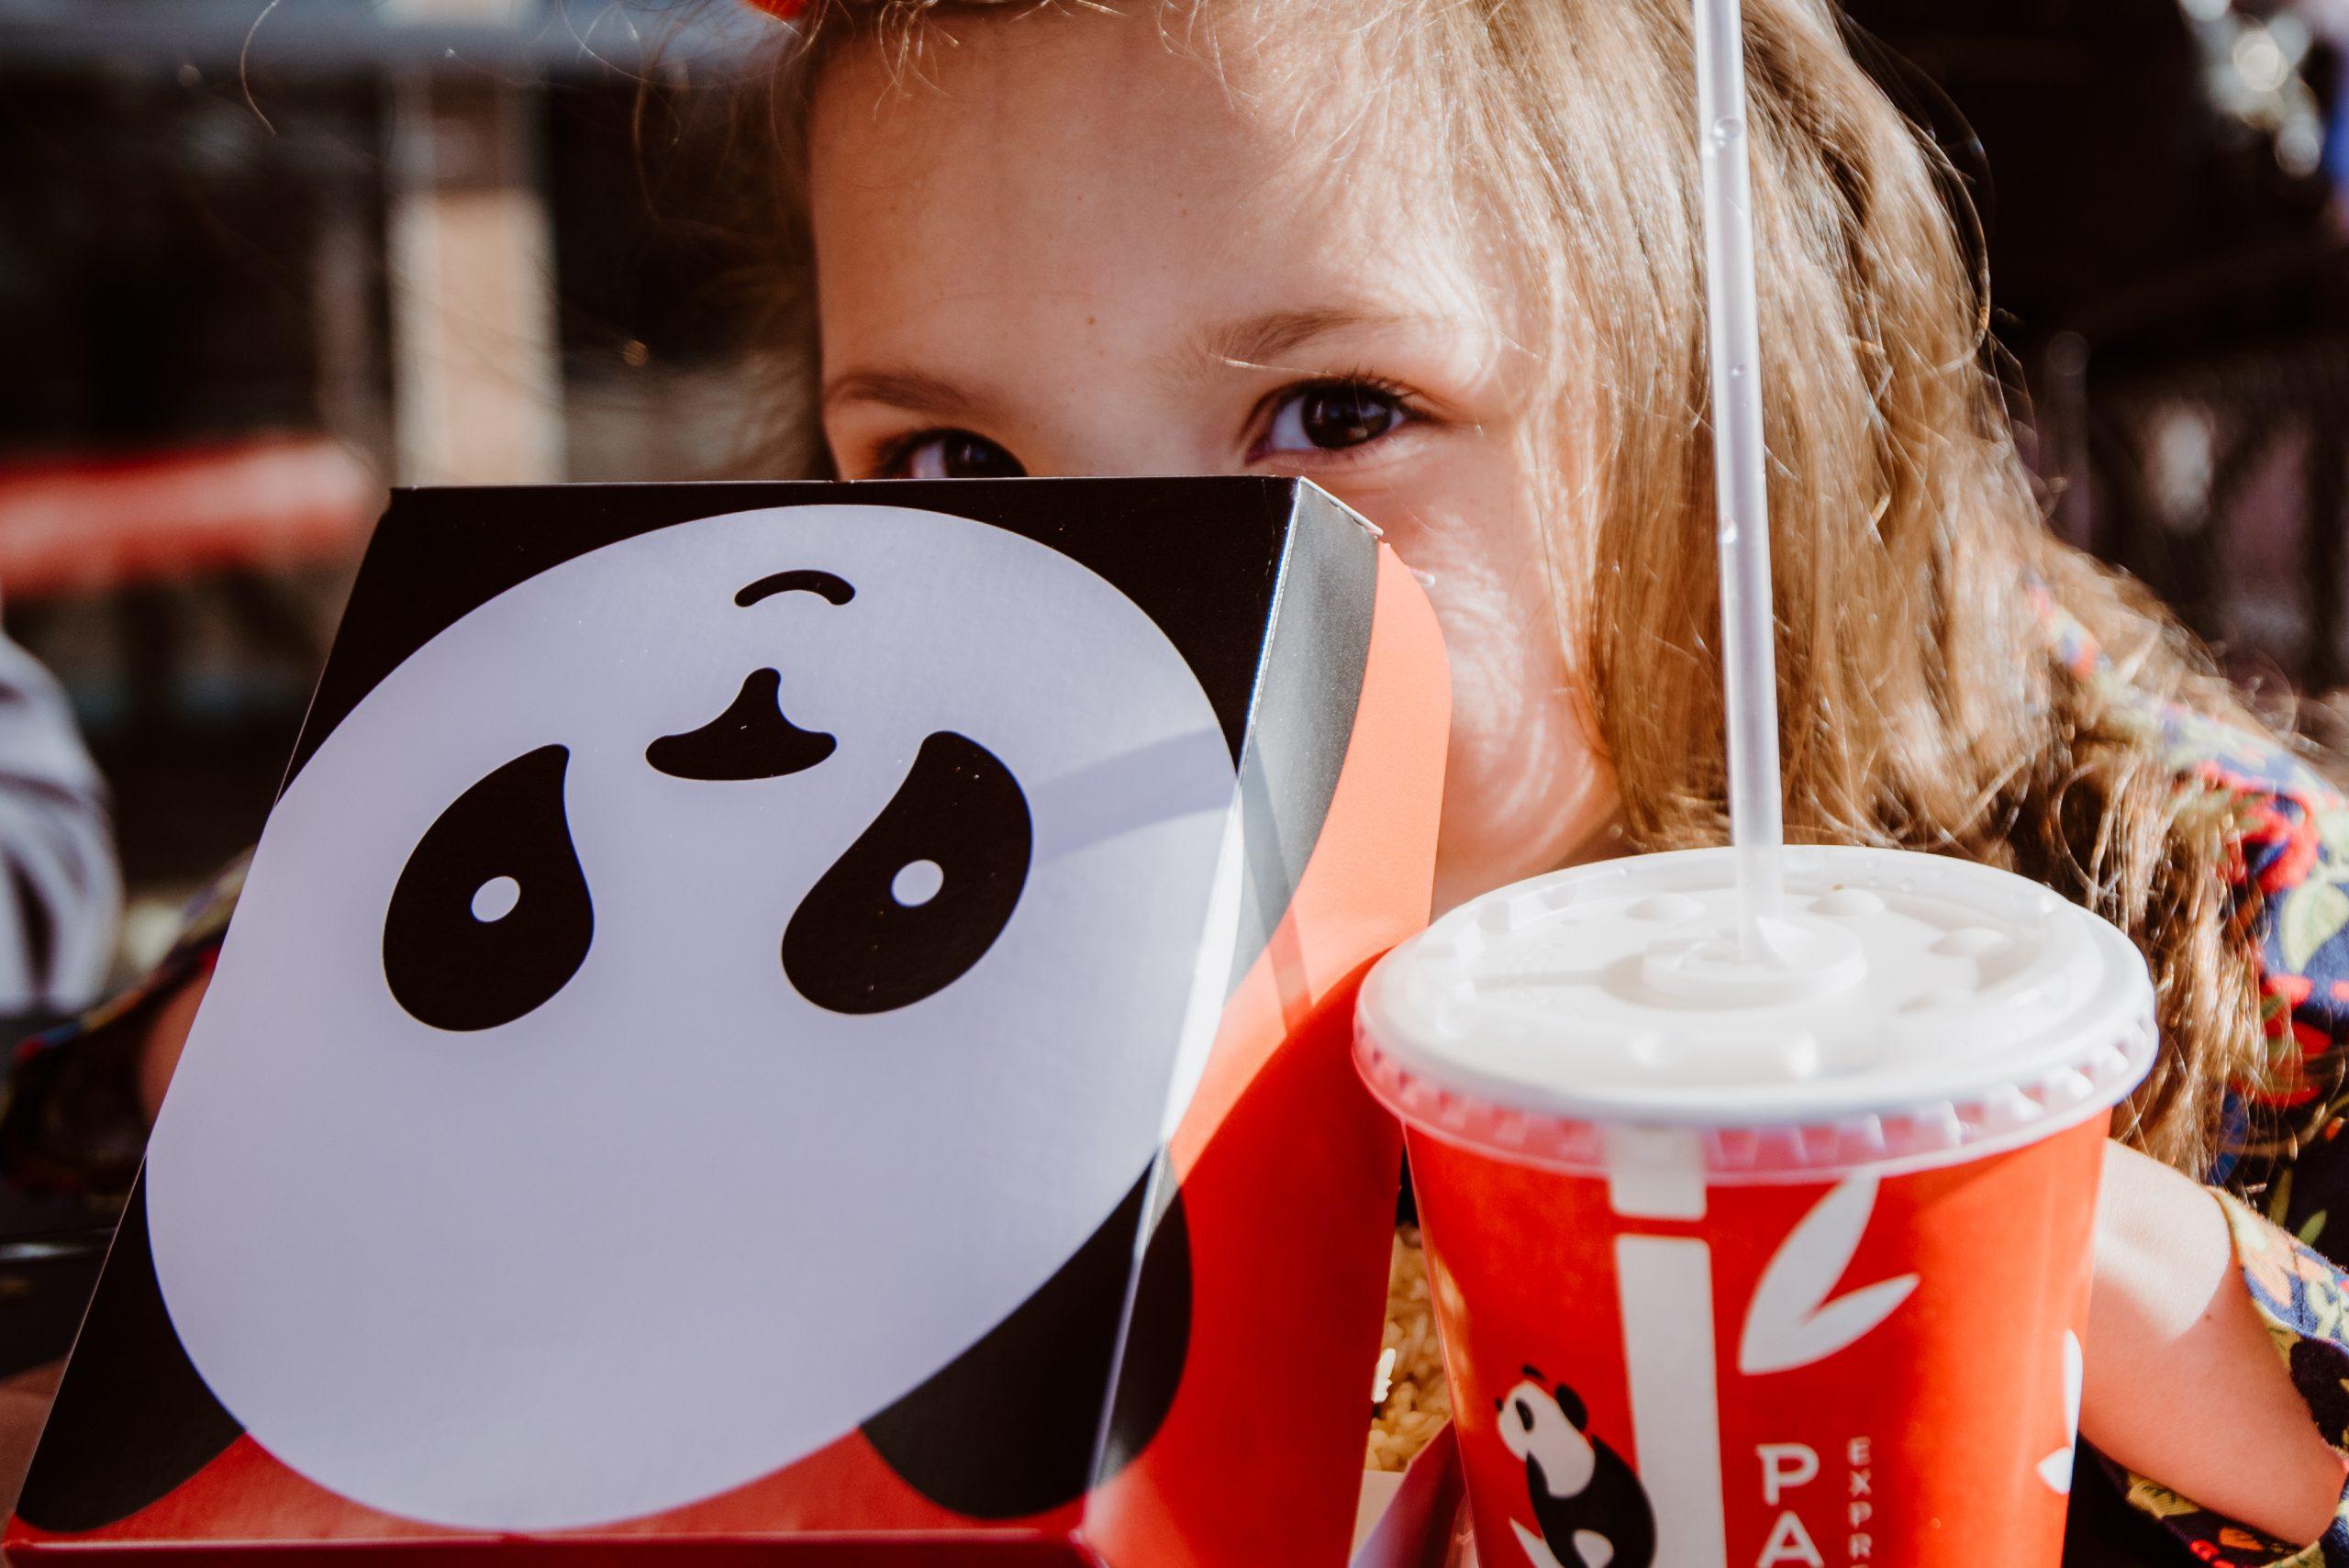 Panda Express Family Dinner 6